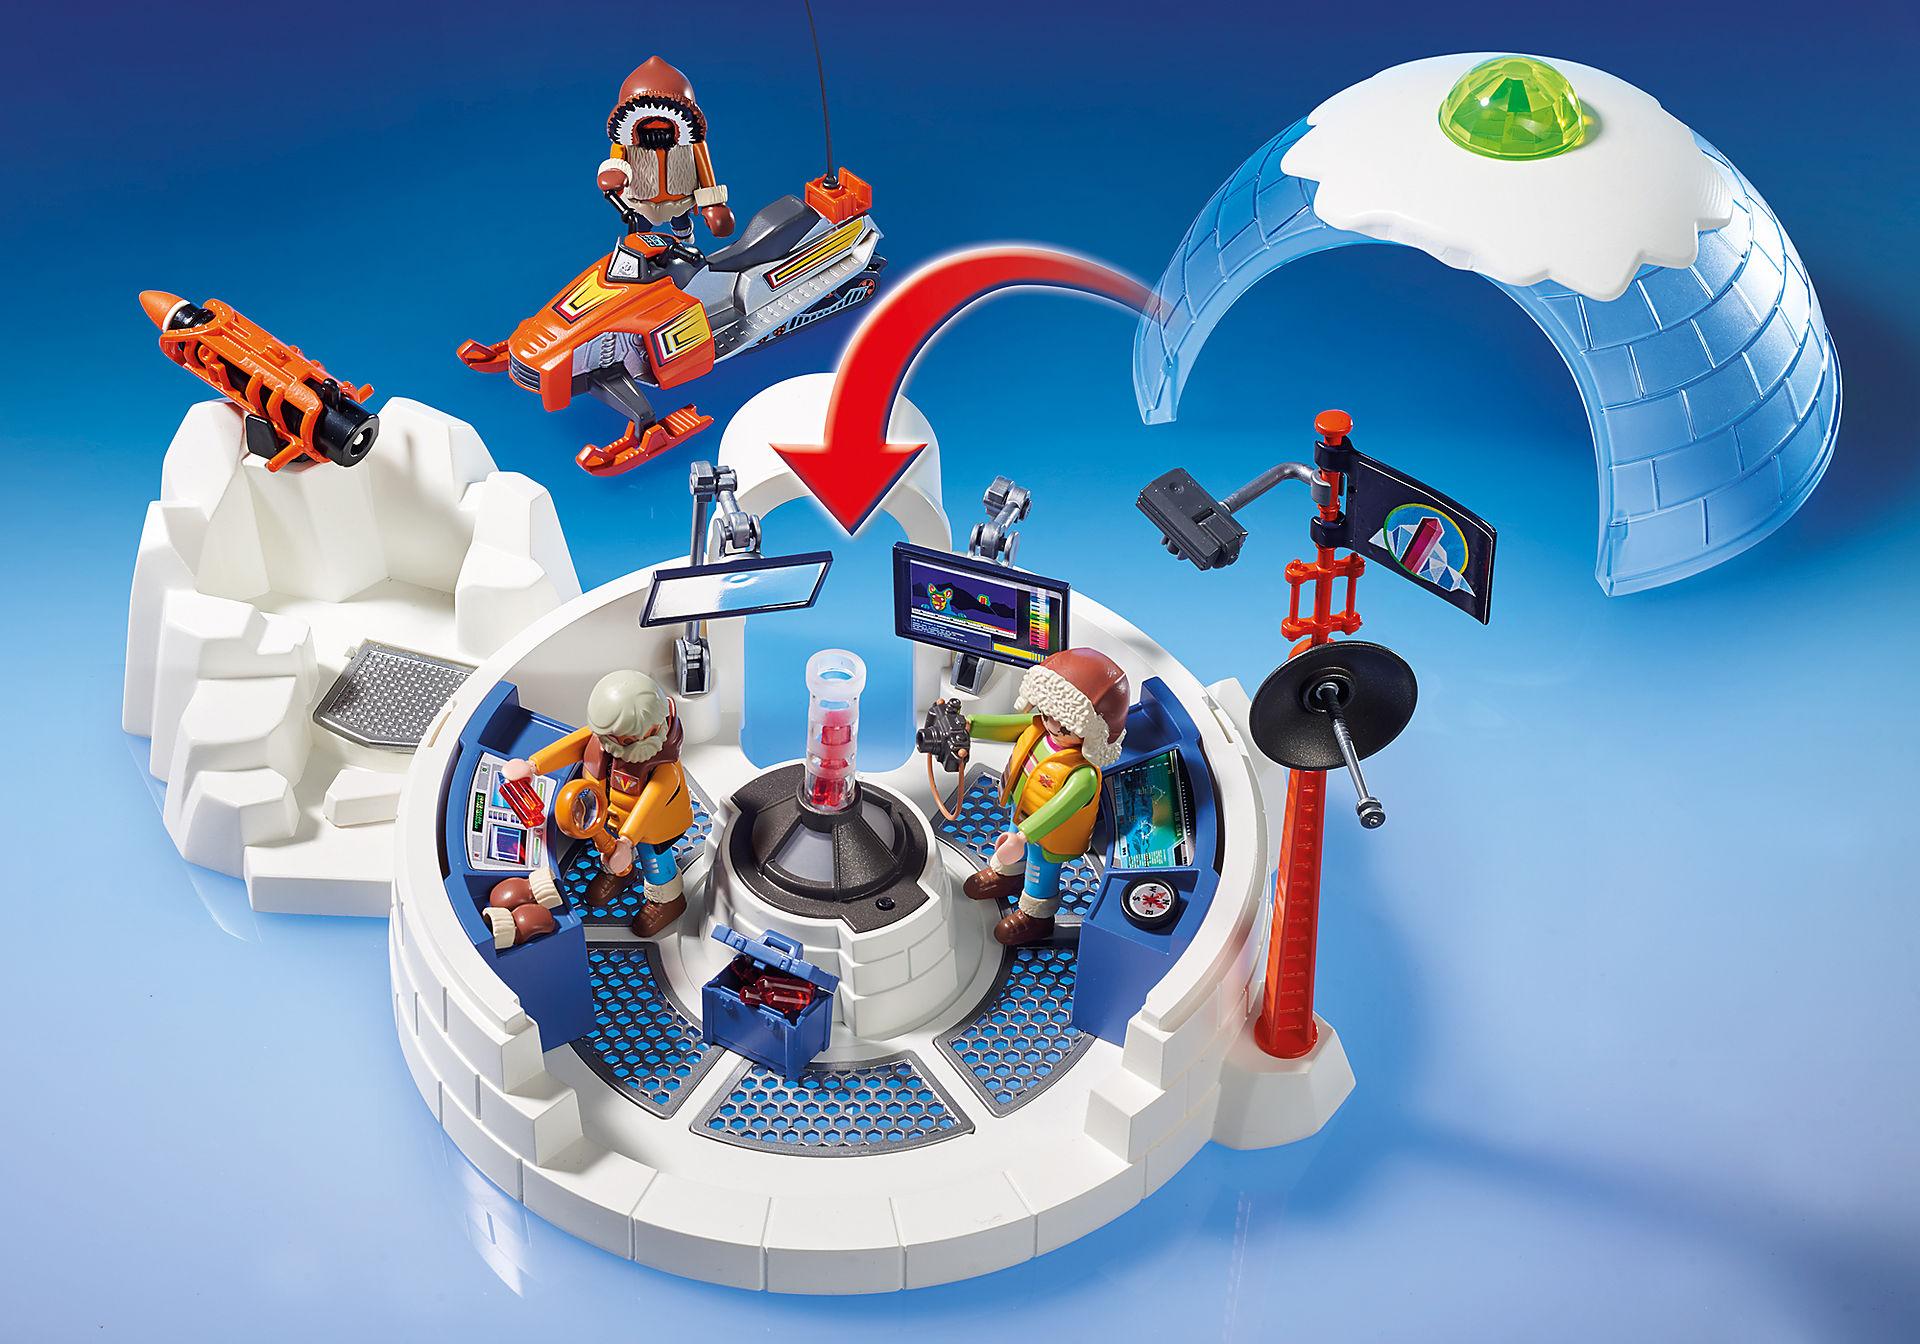 http://media.playmobil.com/i/playmobil/9055_product_extra1/Quartier général des explorateurs polaires